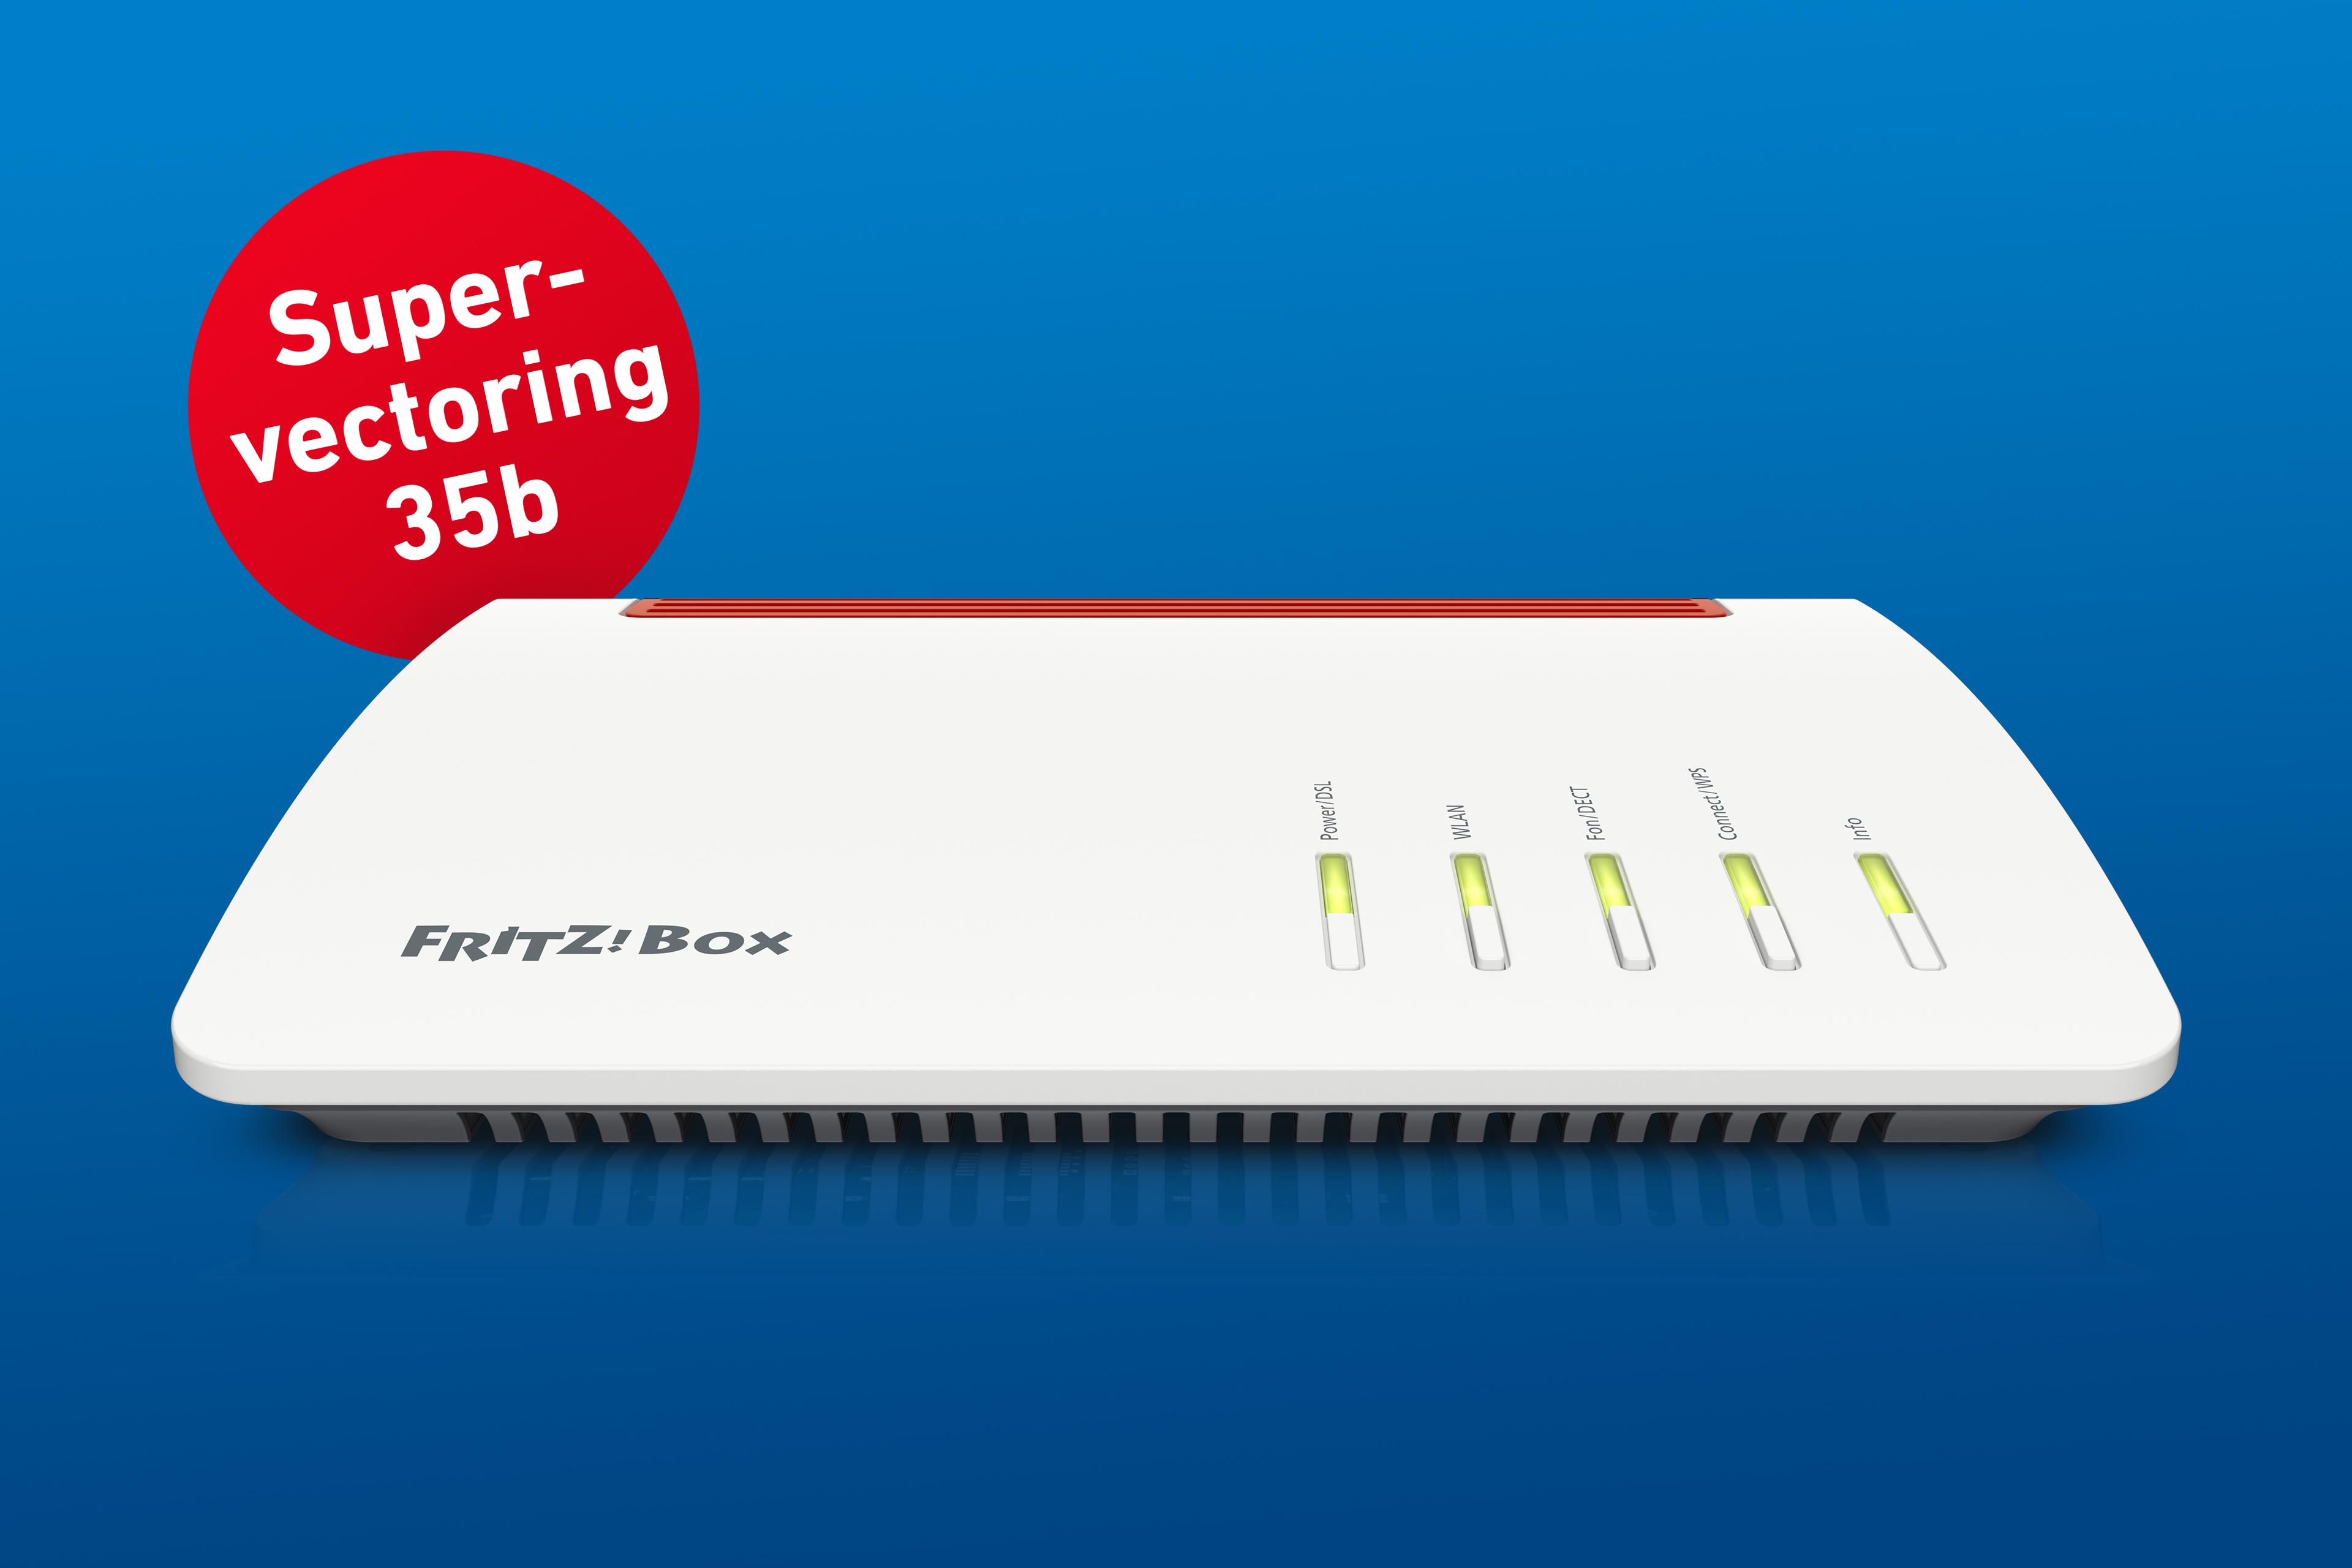 Neue DSL-Technologie Supervectoring 35b mit FRITZ!Box 7590 gestartet ...